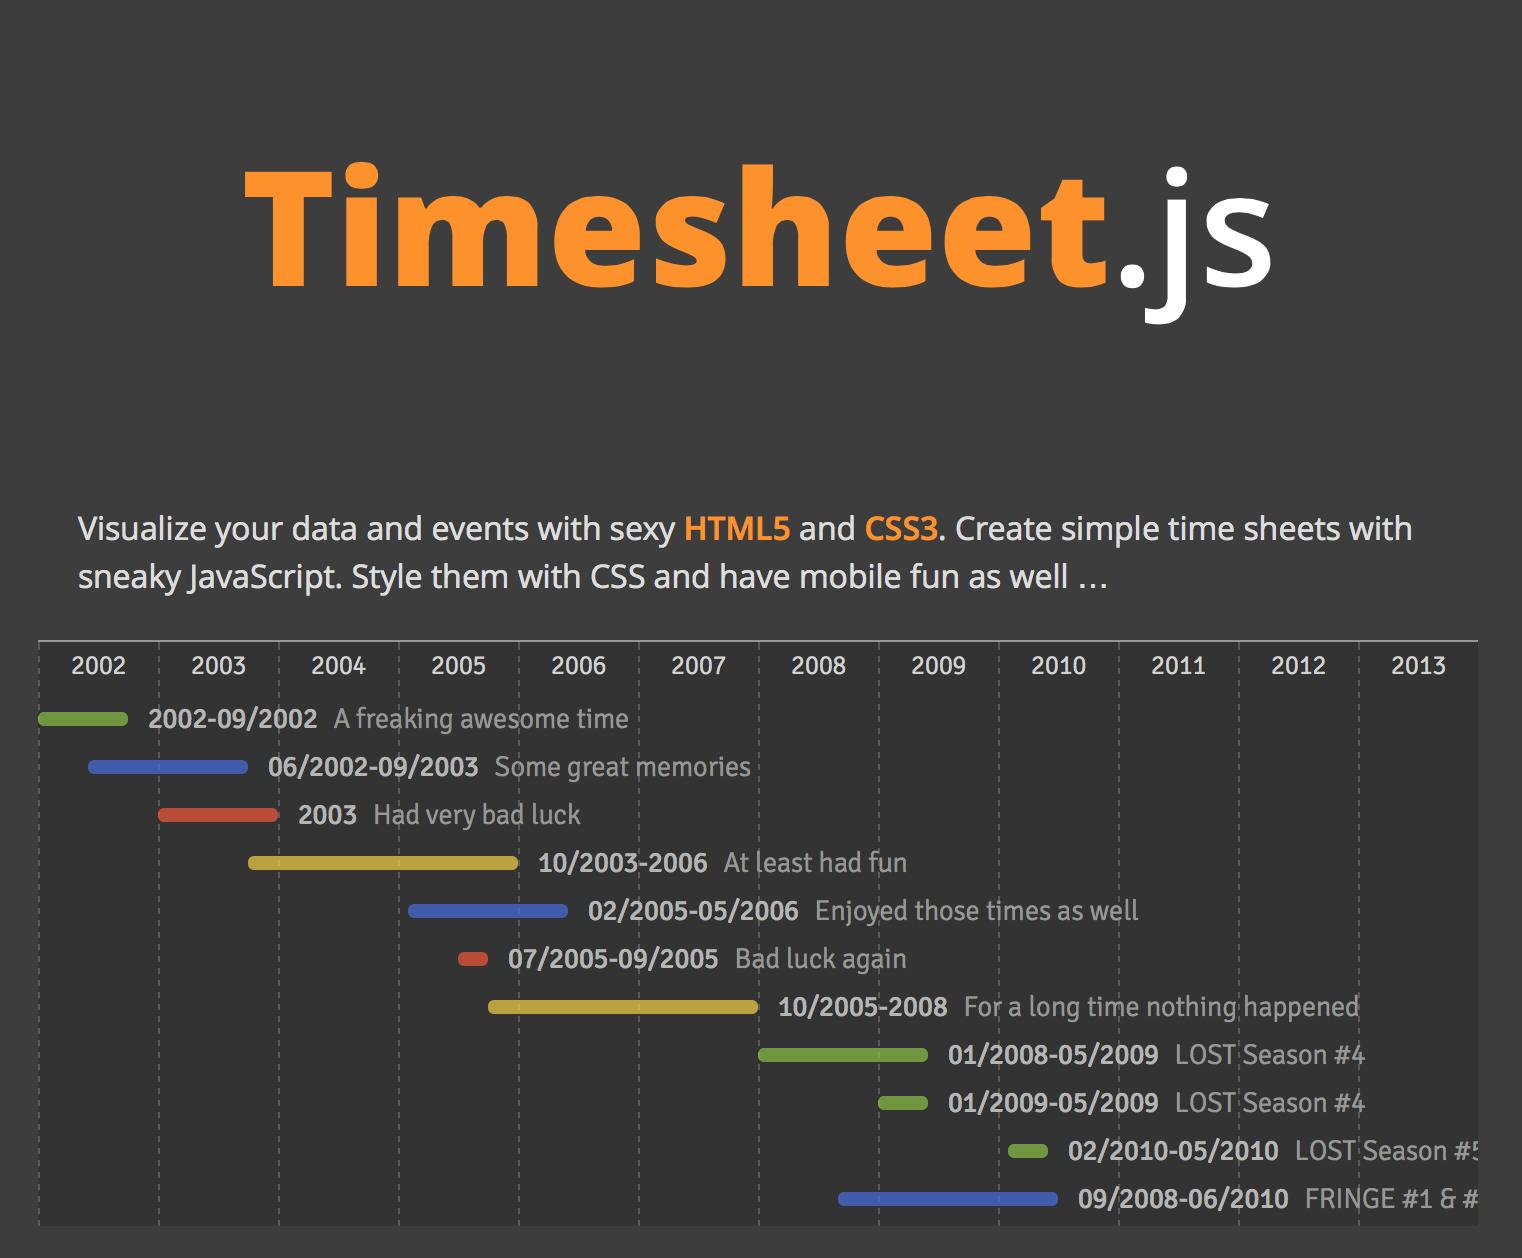 Timesheet.js